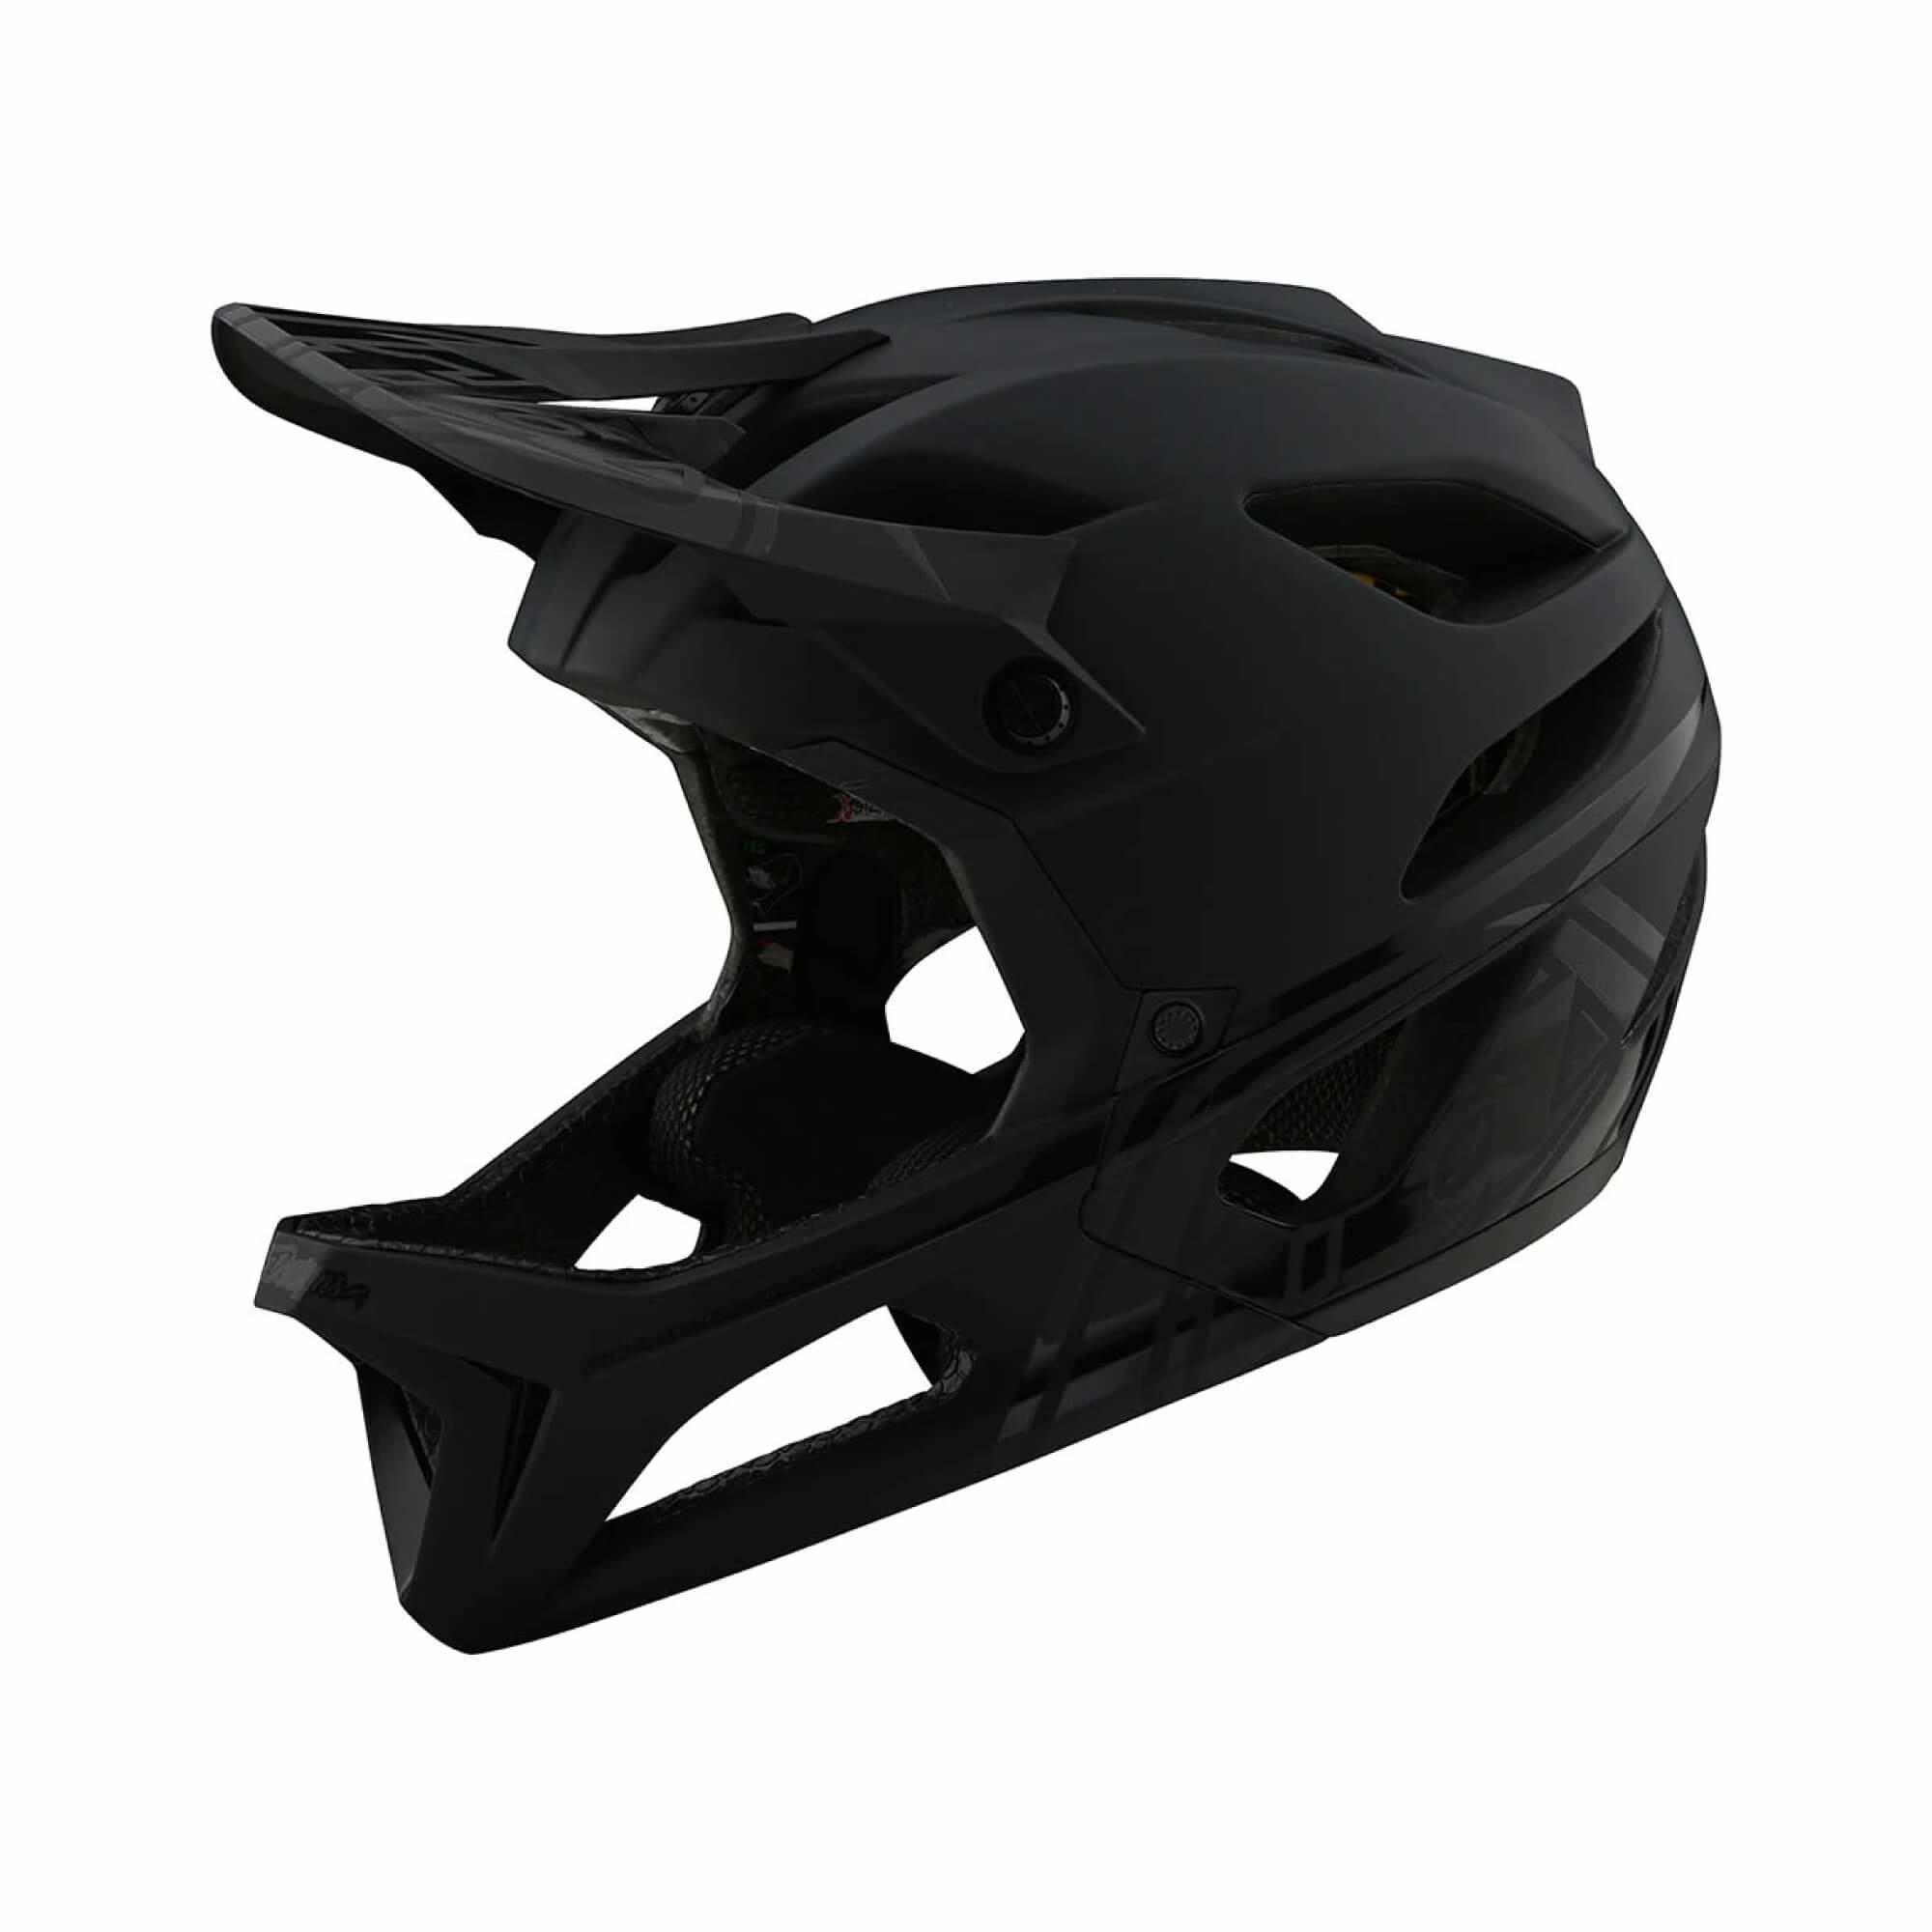 Stage As Mips Helmet 2021-1